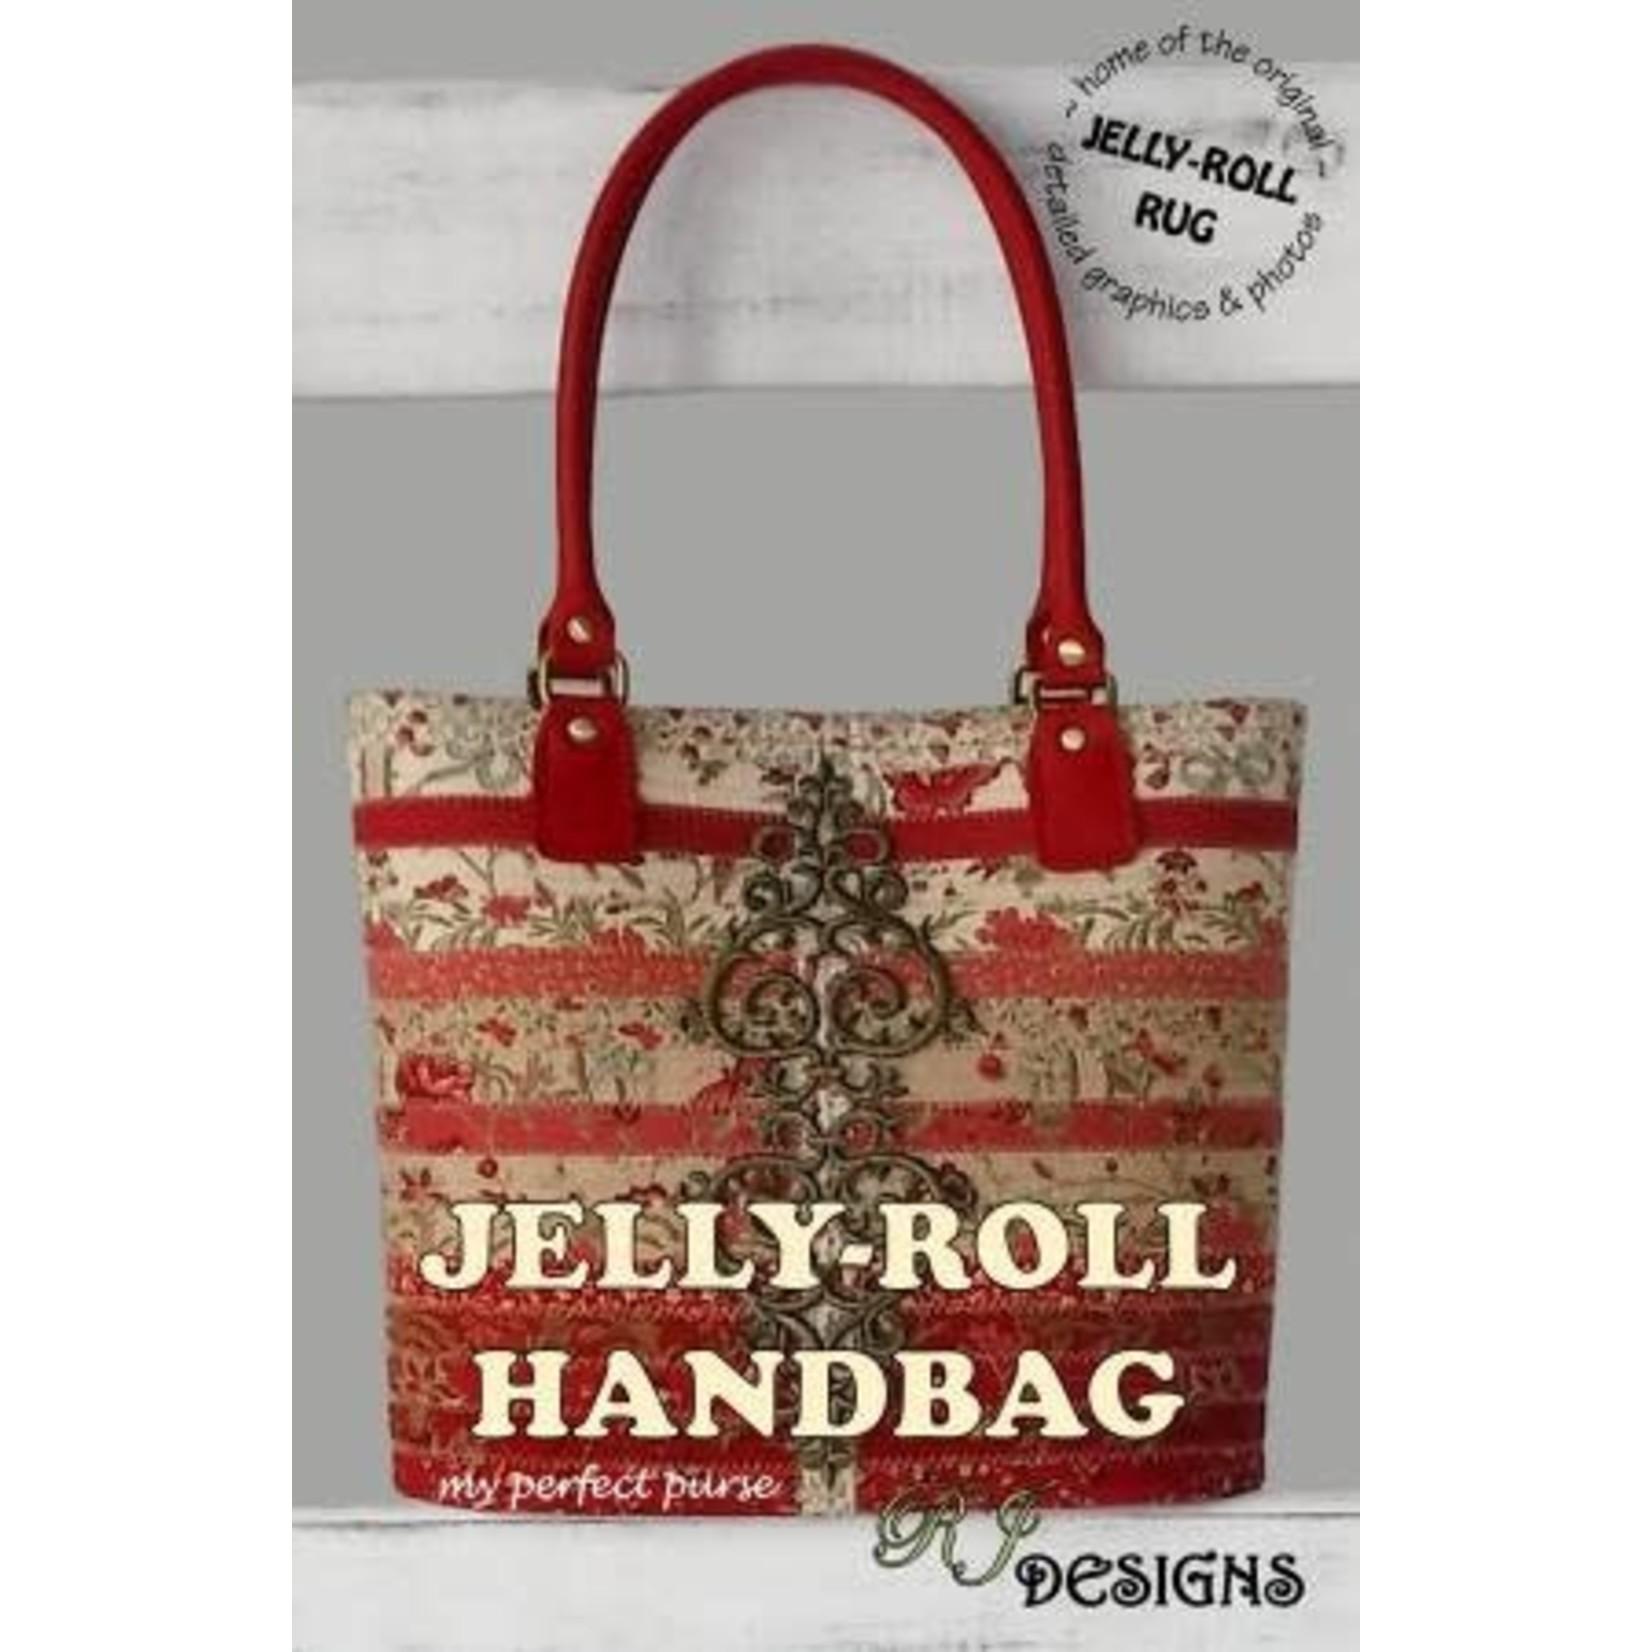 Jelly Roll Handbag - Roma Lambson